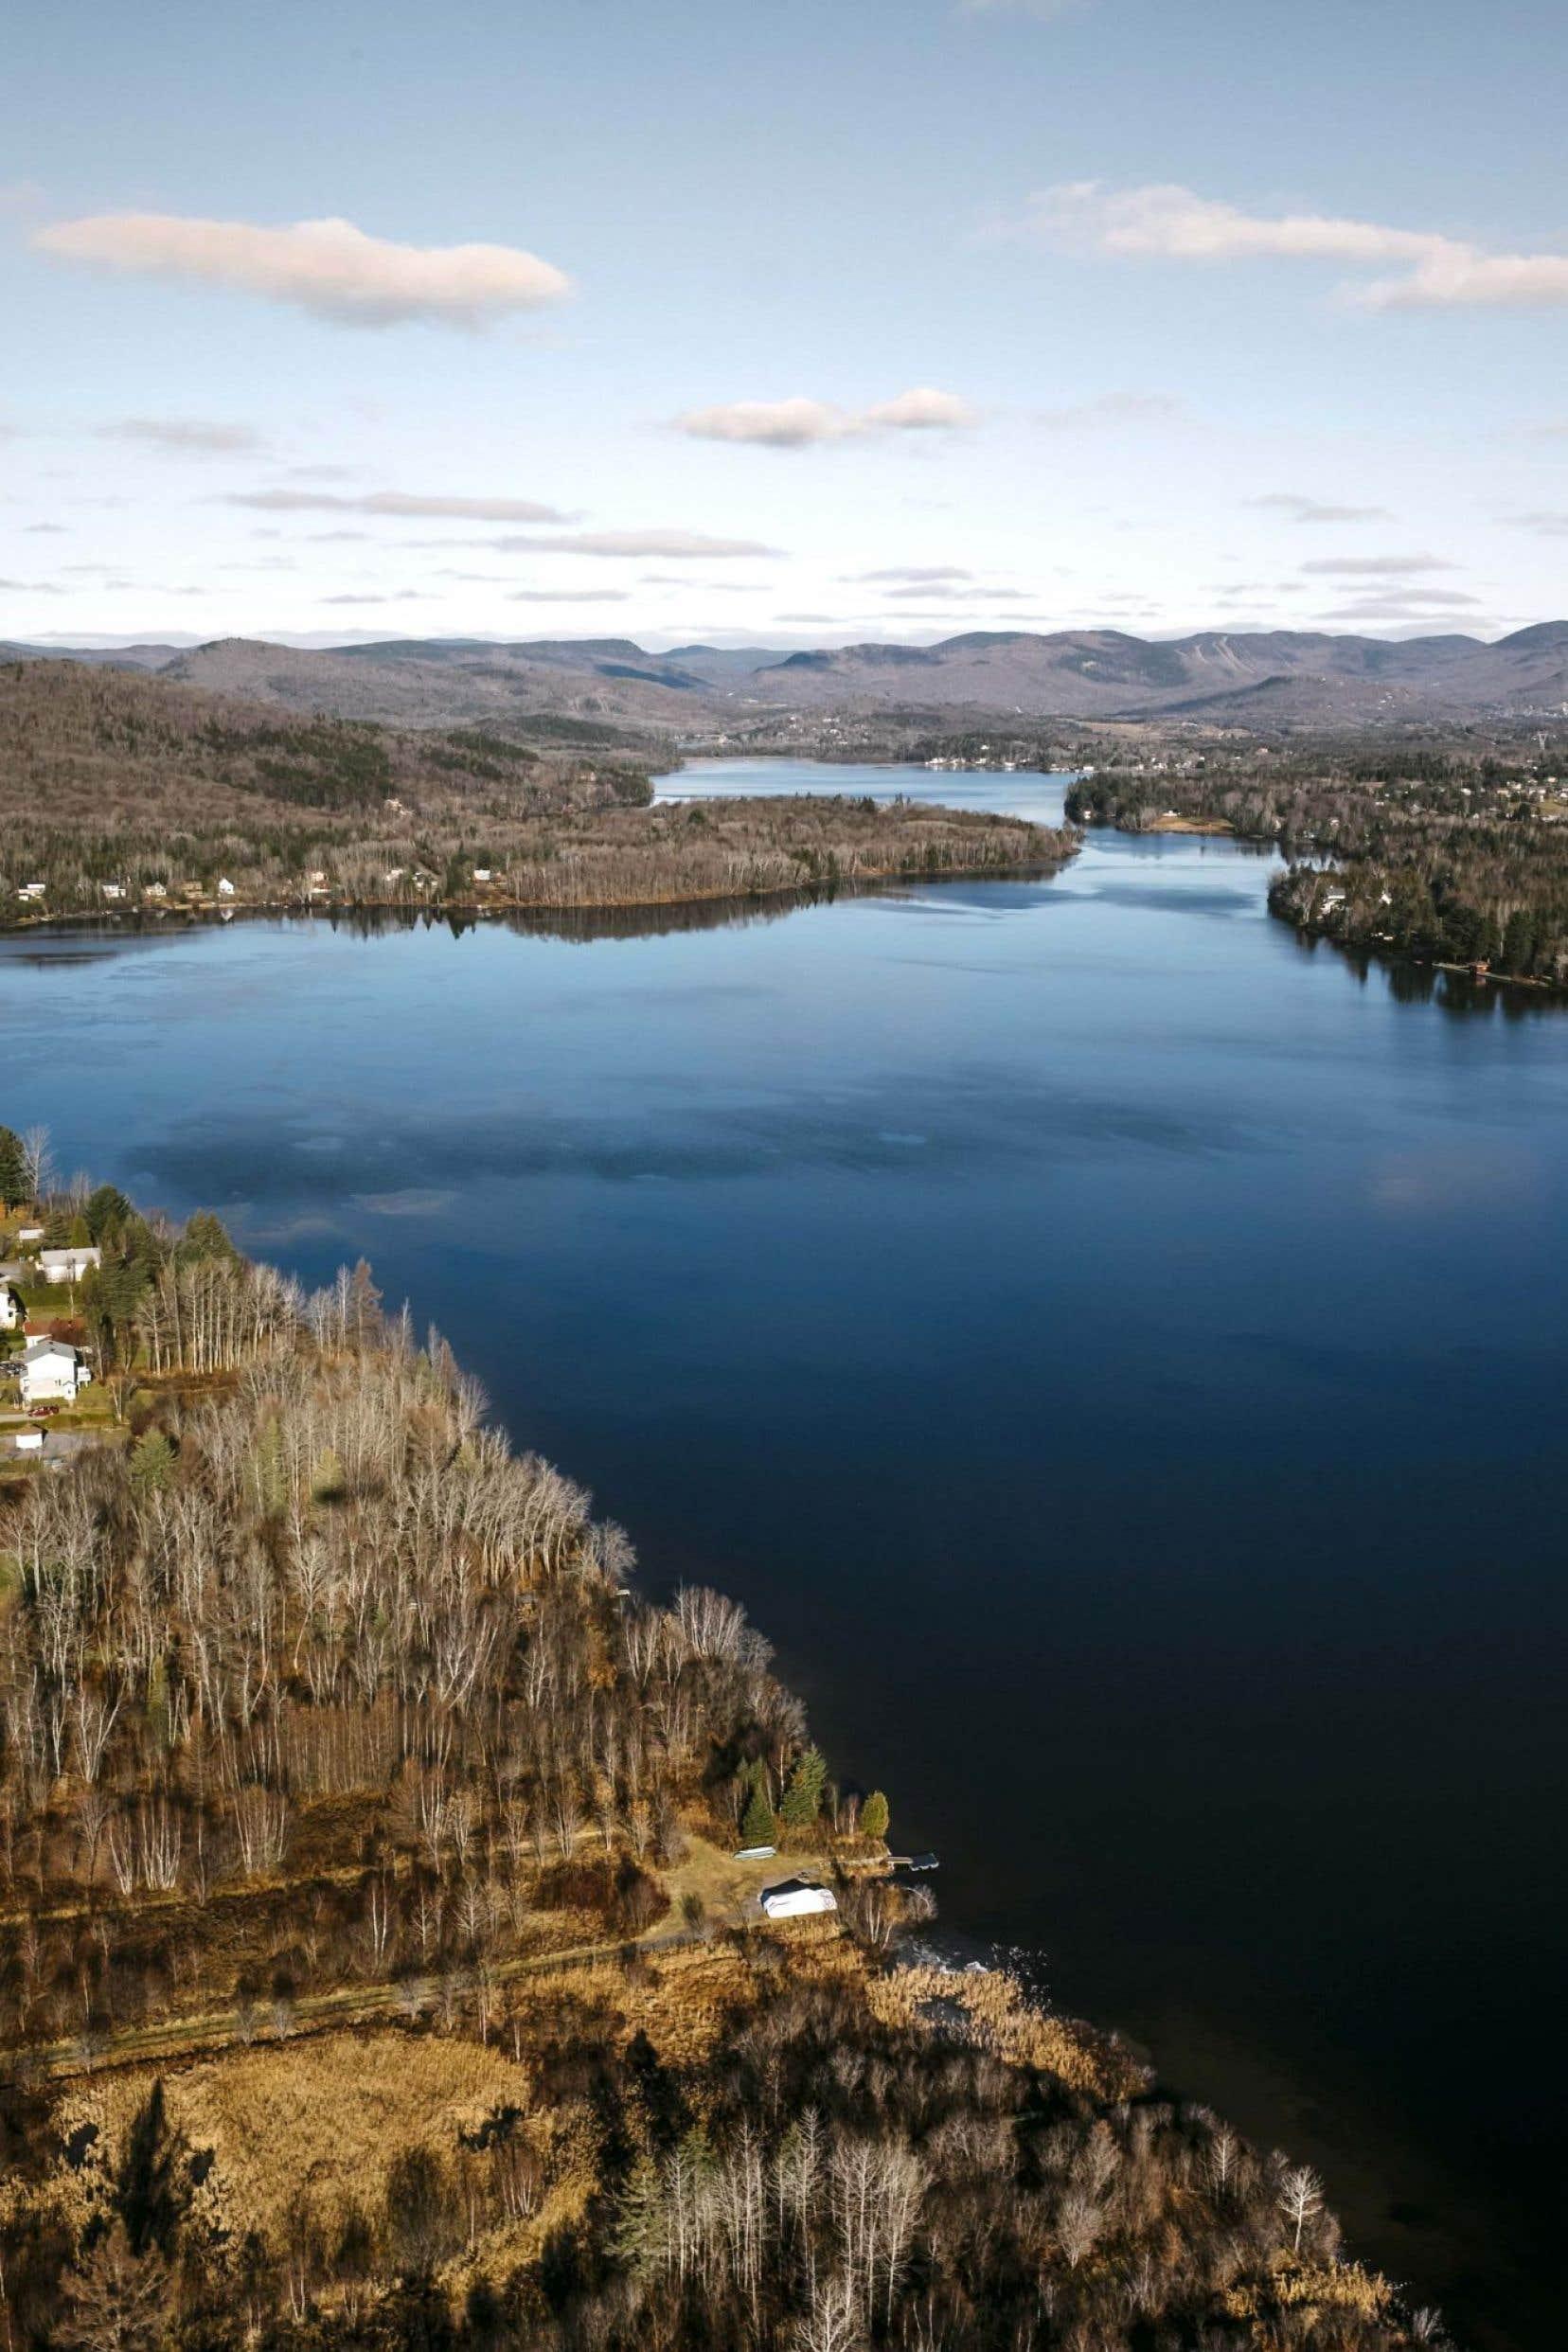 La rivière Hibou, qui circule juste en bas de la montagne, est un affluent du lac Saint-Charles (notre photo).